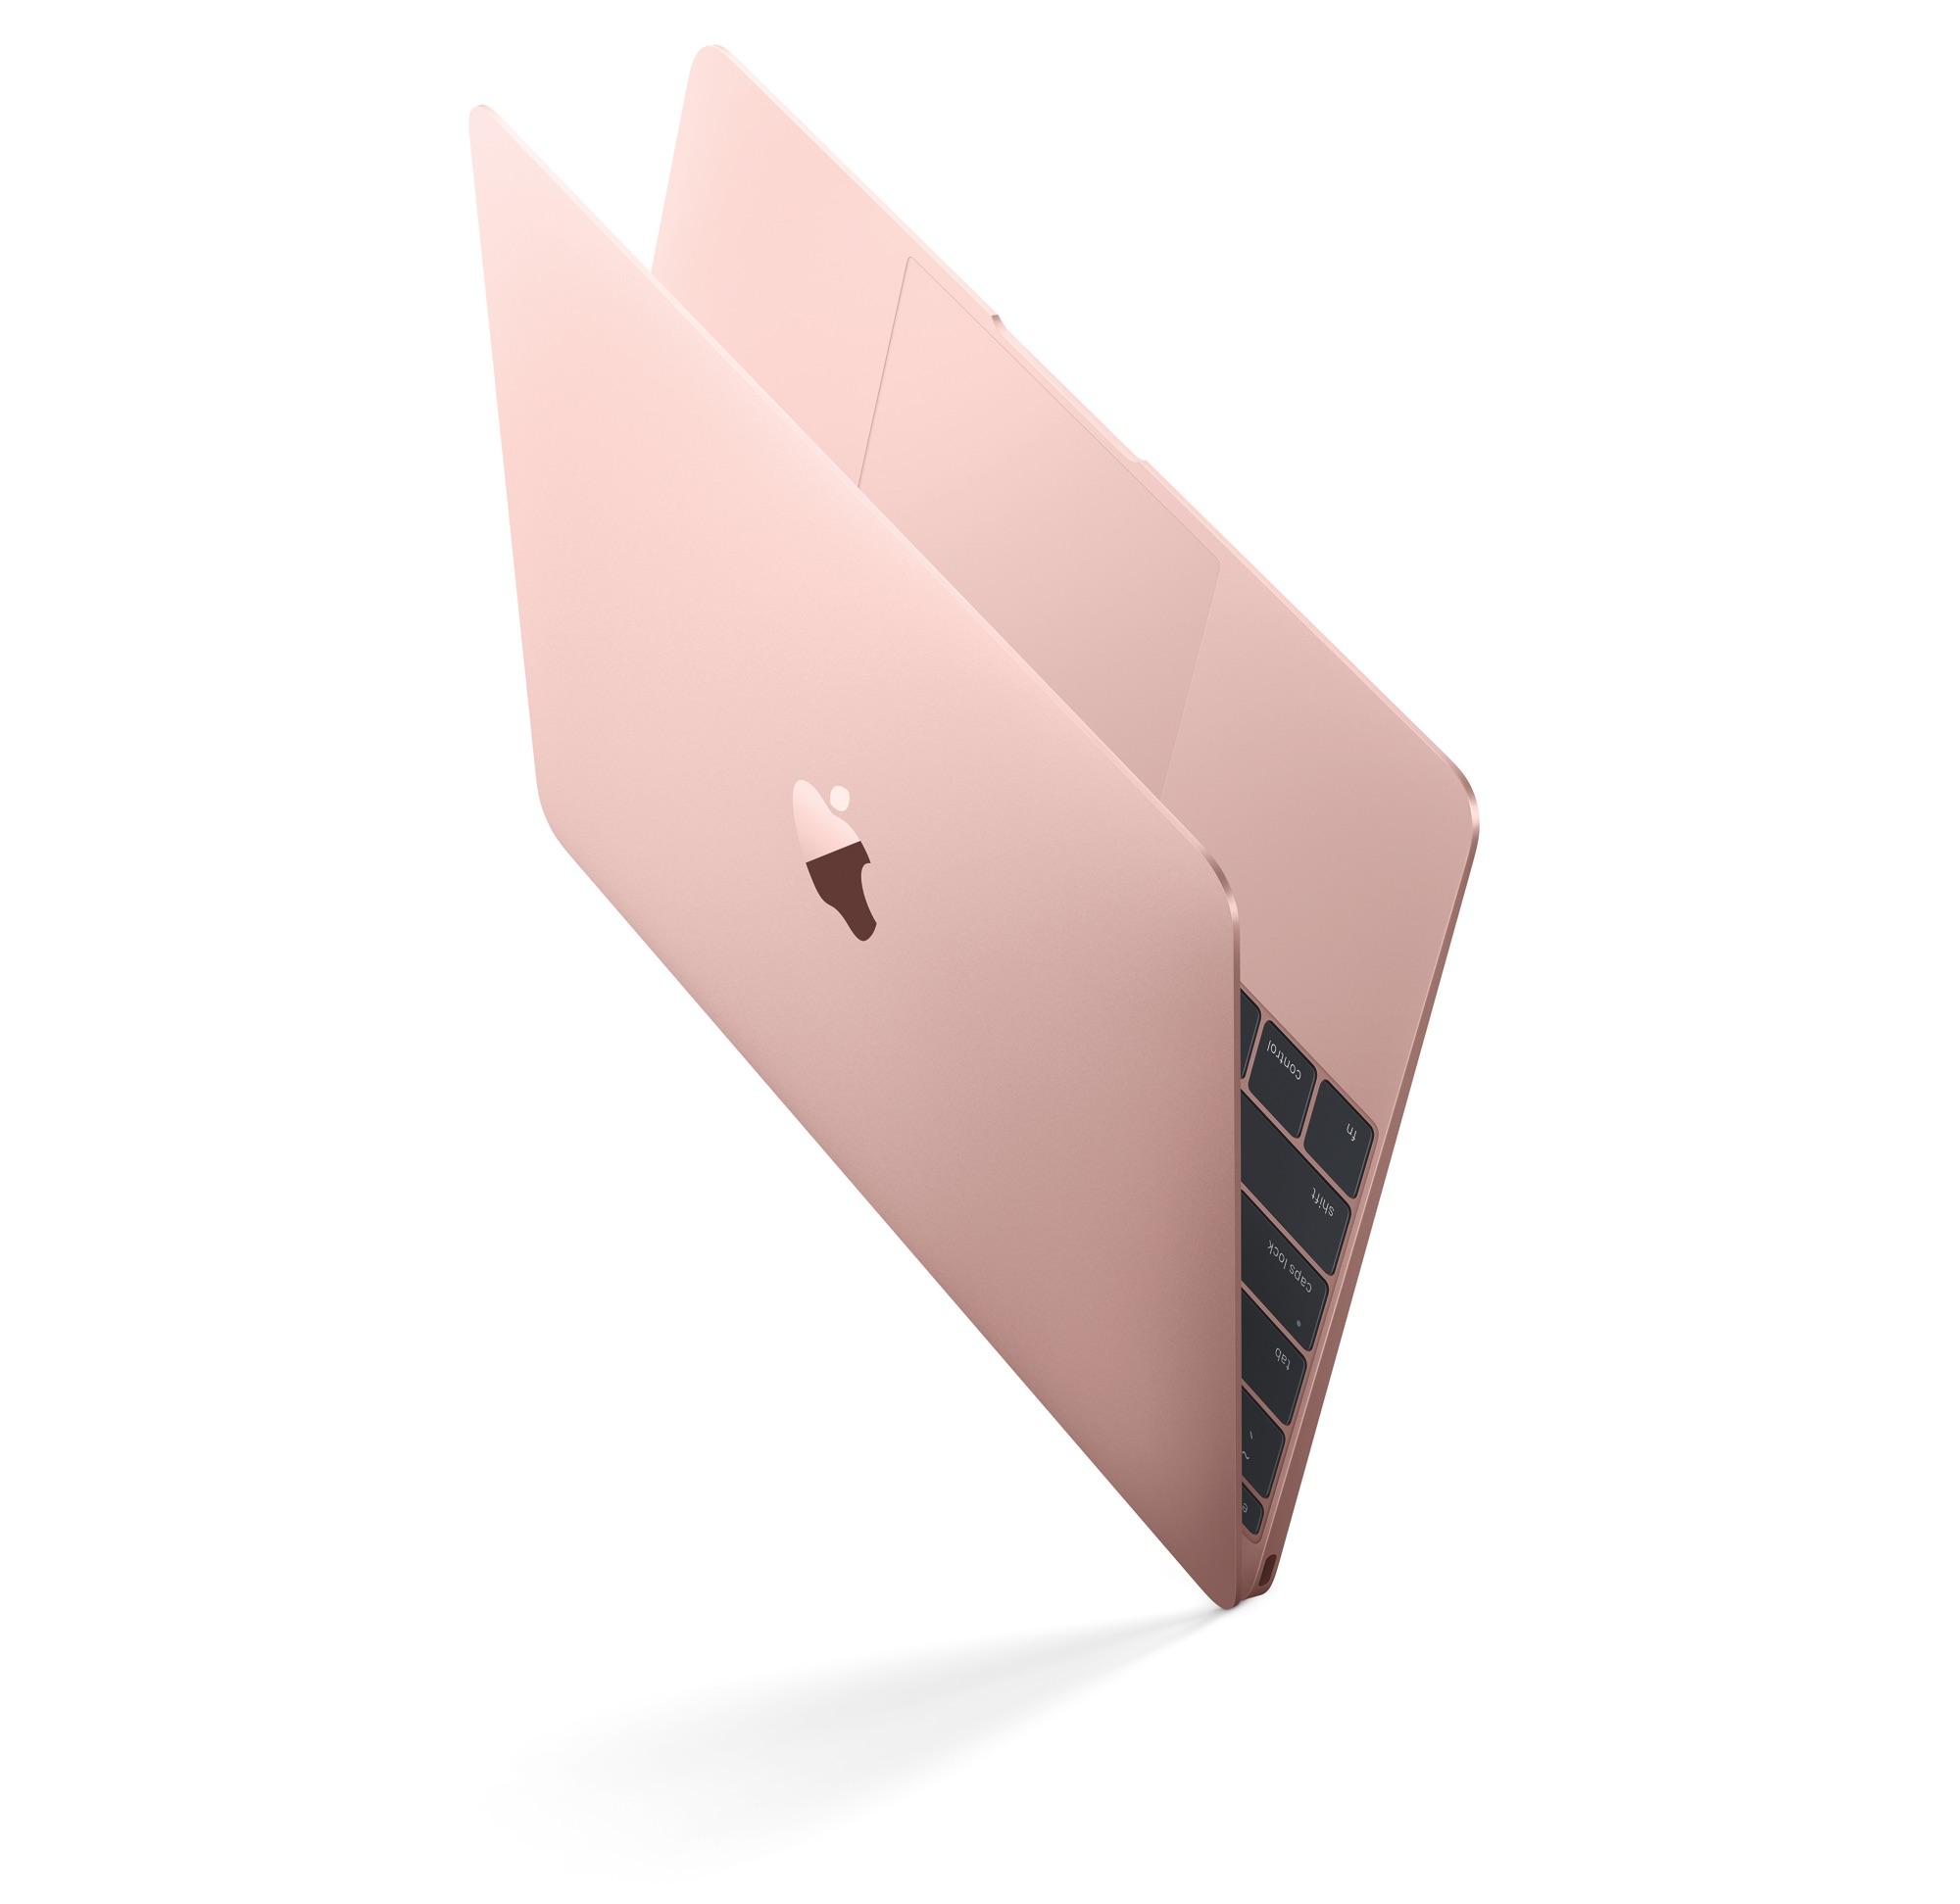 Apple Updates 12 Quot Macbook With Faster Cpu Gpu Rose Gold